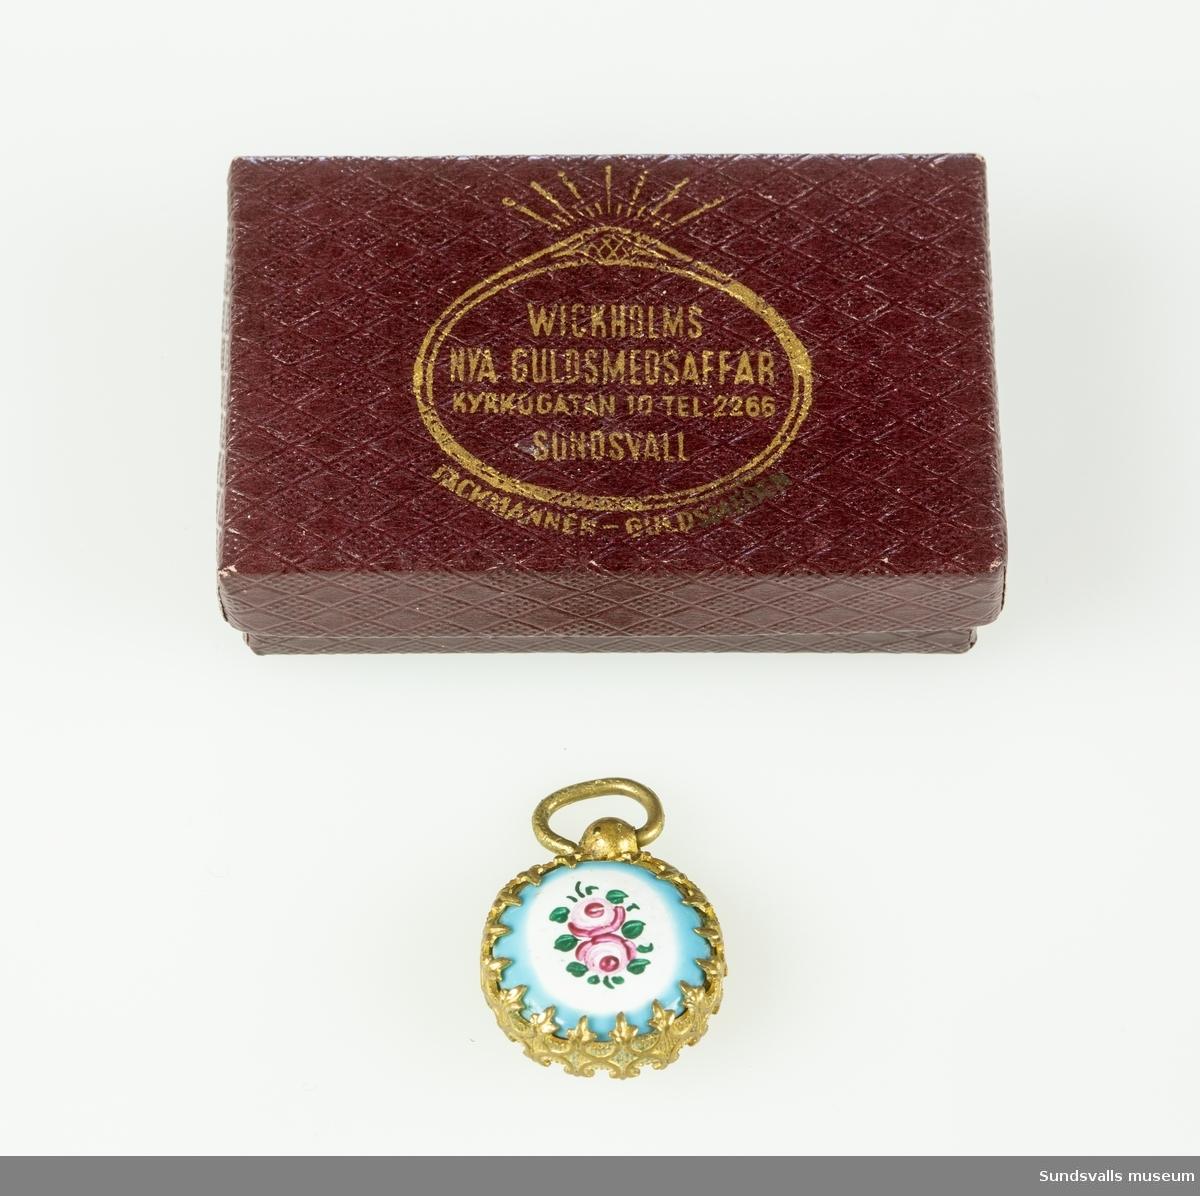 SuM 4754:1-2 smycke med ask. SuM 4754:1 smycke föreställande ett fickur i miniatyr med vit, rund urtavla med tryckta romerska siffror och visare. Plastglas. På baksidan är smycket dekorerat med två rosa rosor på vit botten med turkos kant. Smyckets diameter är 1,6 cm. SuM 4754:2 pappask, mörkt blåröd med pressat rutmönster. Guldtryck på locket 'Wickholms Nya Guldsmedsaffär, Kyrkogatan 10, Tel. 2266 Sundsvall, Fackmannen - Guldsmeden'.